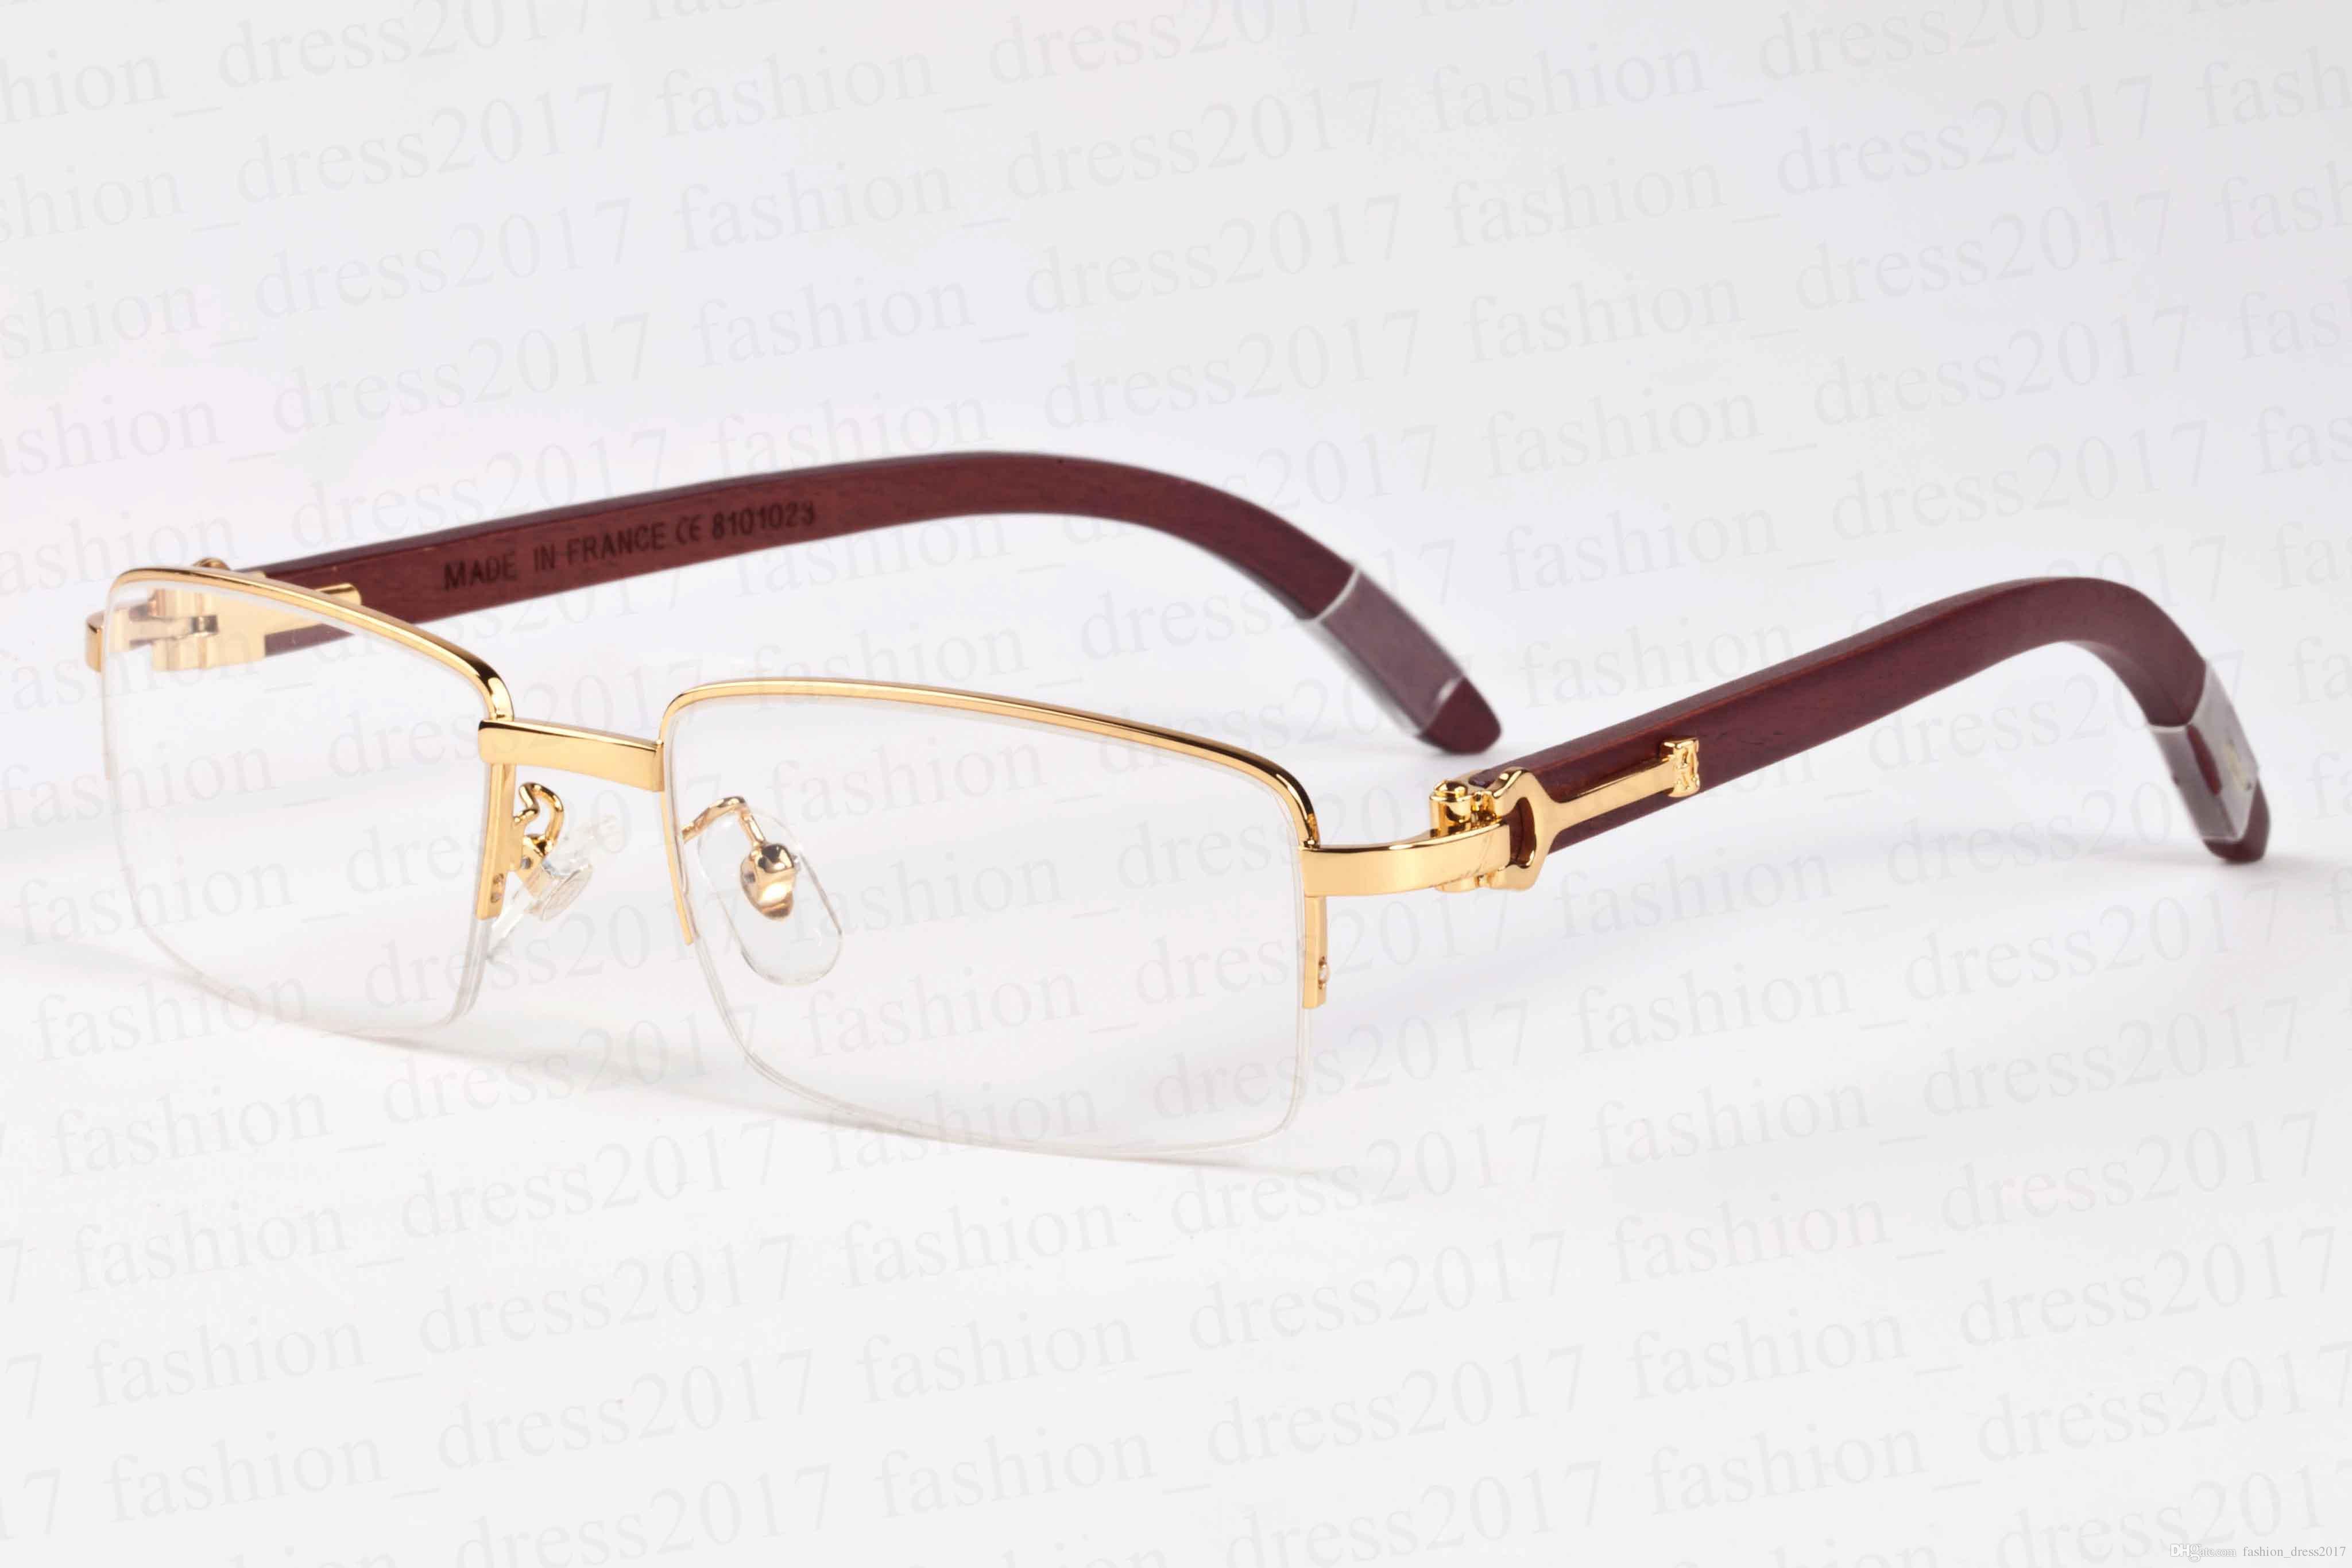 Brand Designer Sunglasses For Men 2017 Buffalo Horn Glasses Gold And ...